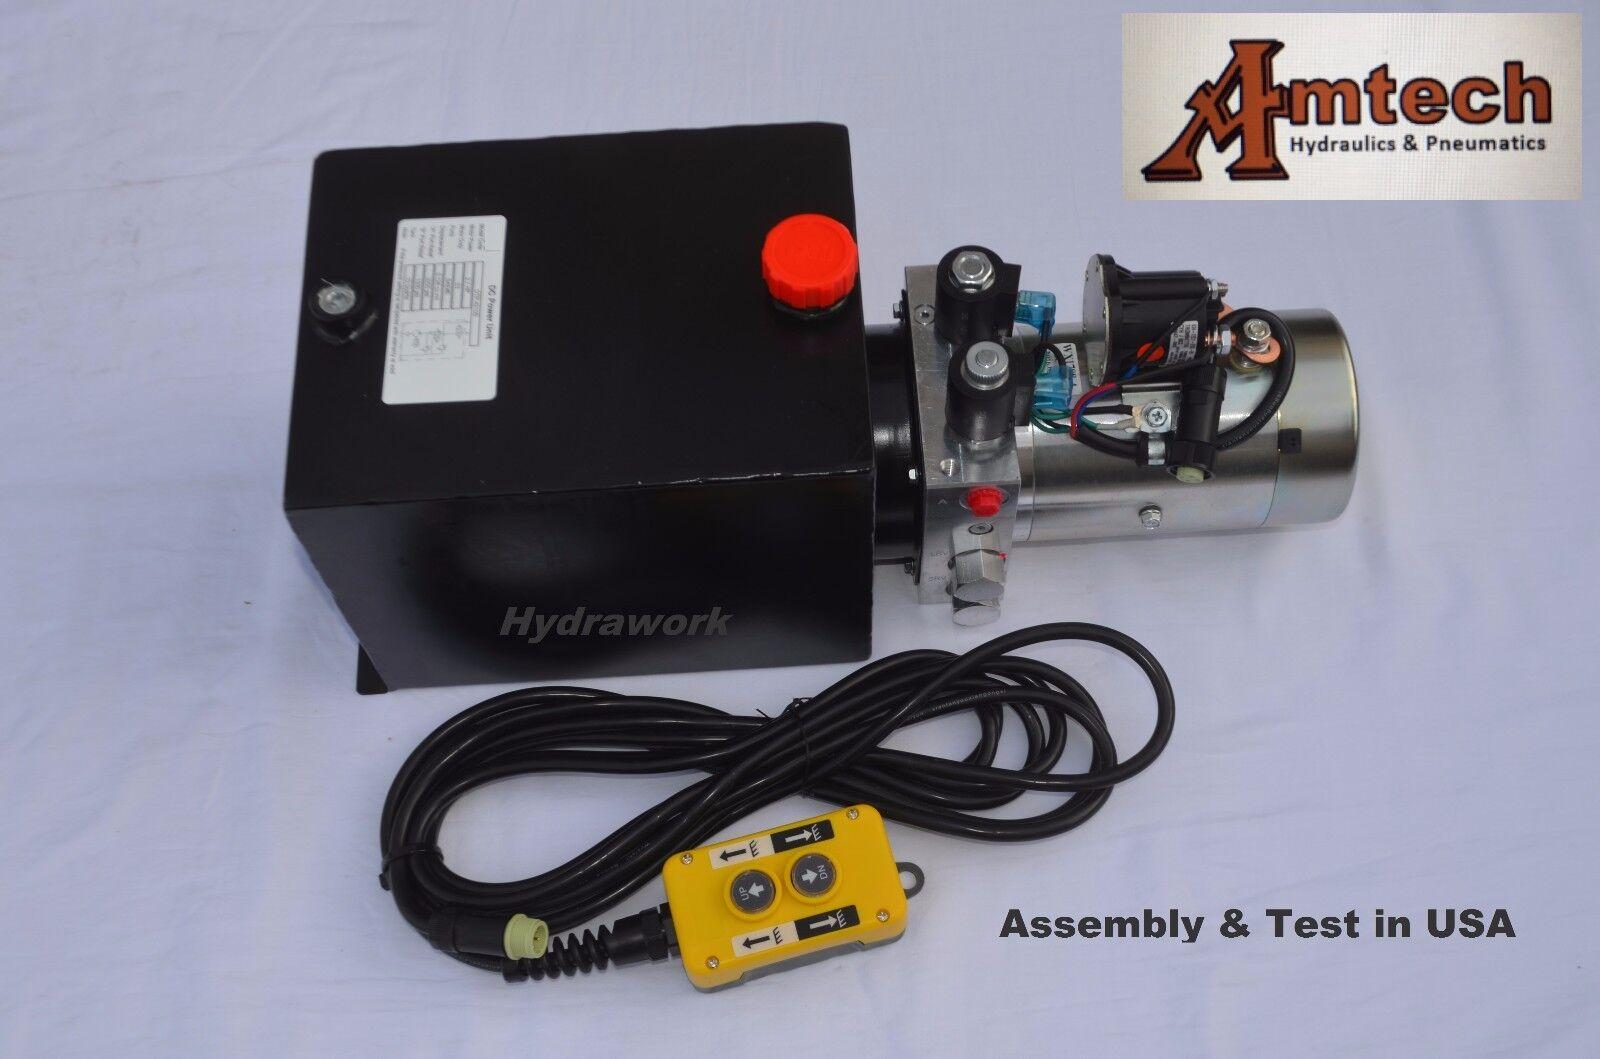 4210S Hydraulic Power Unit, Hyfraulic Pump,12V Double Acting